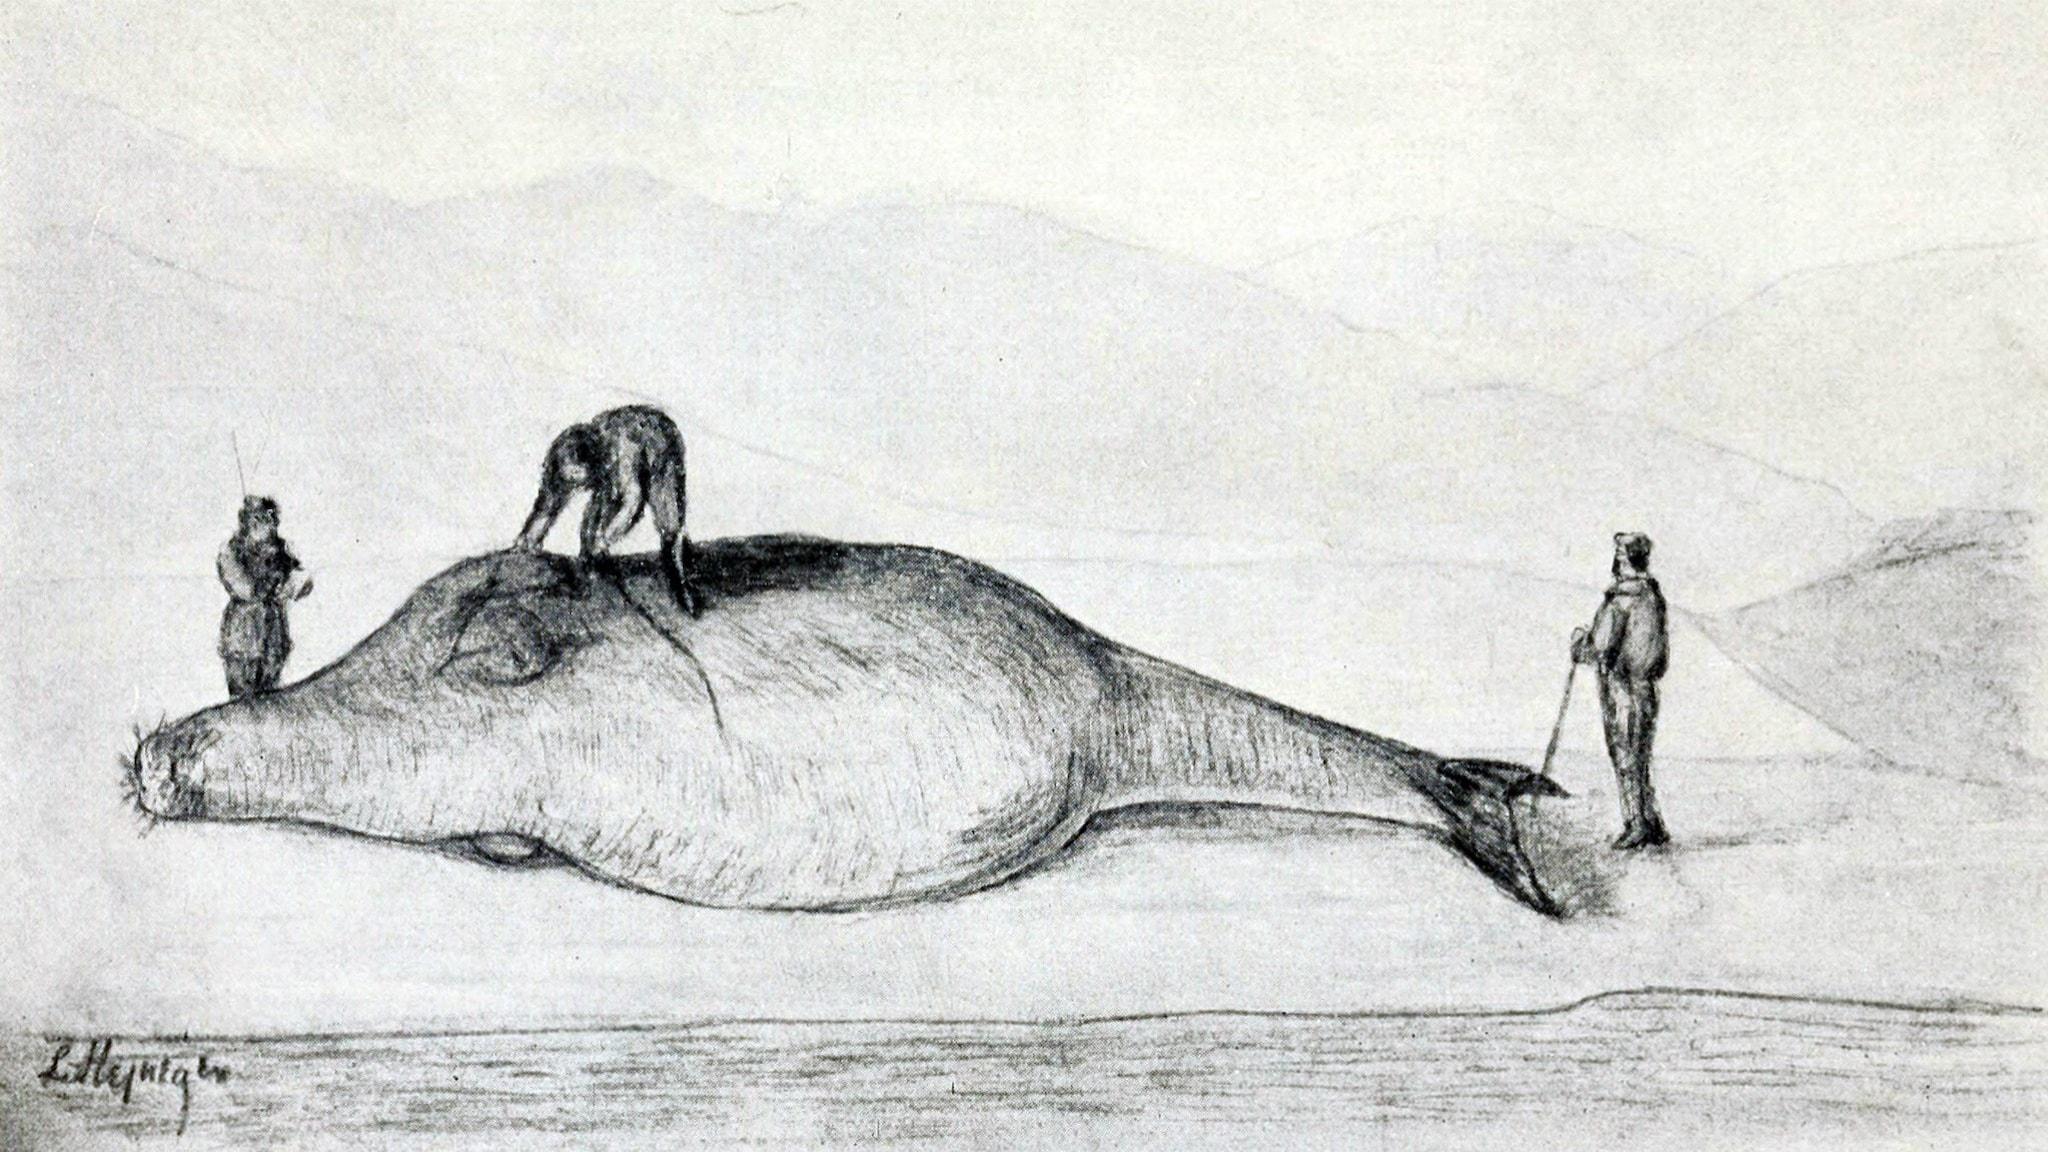 Georg Wilhelm Steller mäter upp en död Stellers sjöko på Berings ö 12 juli 1742. Rekonstruktion av Leonhard Stejneger 1925.